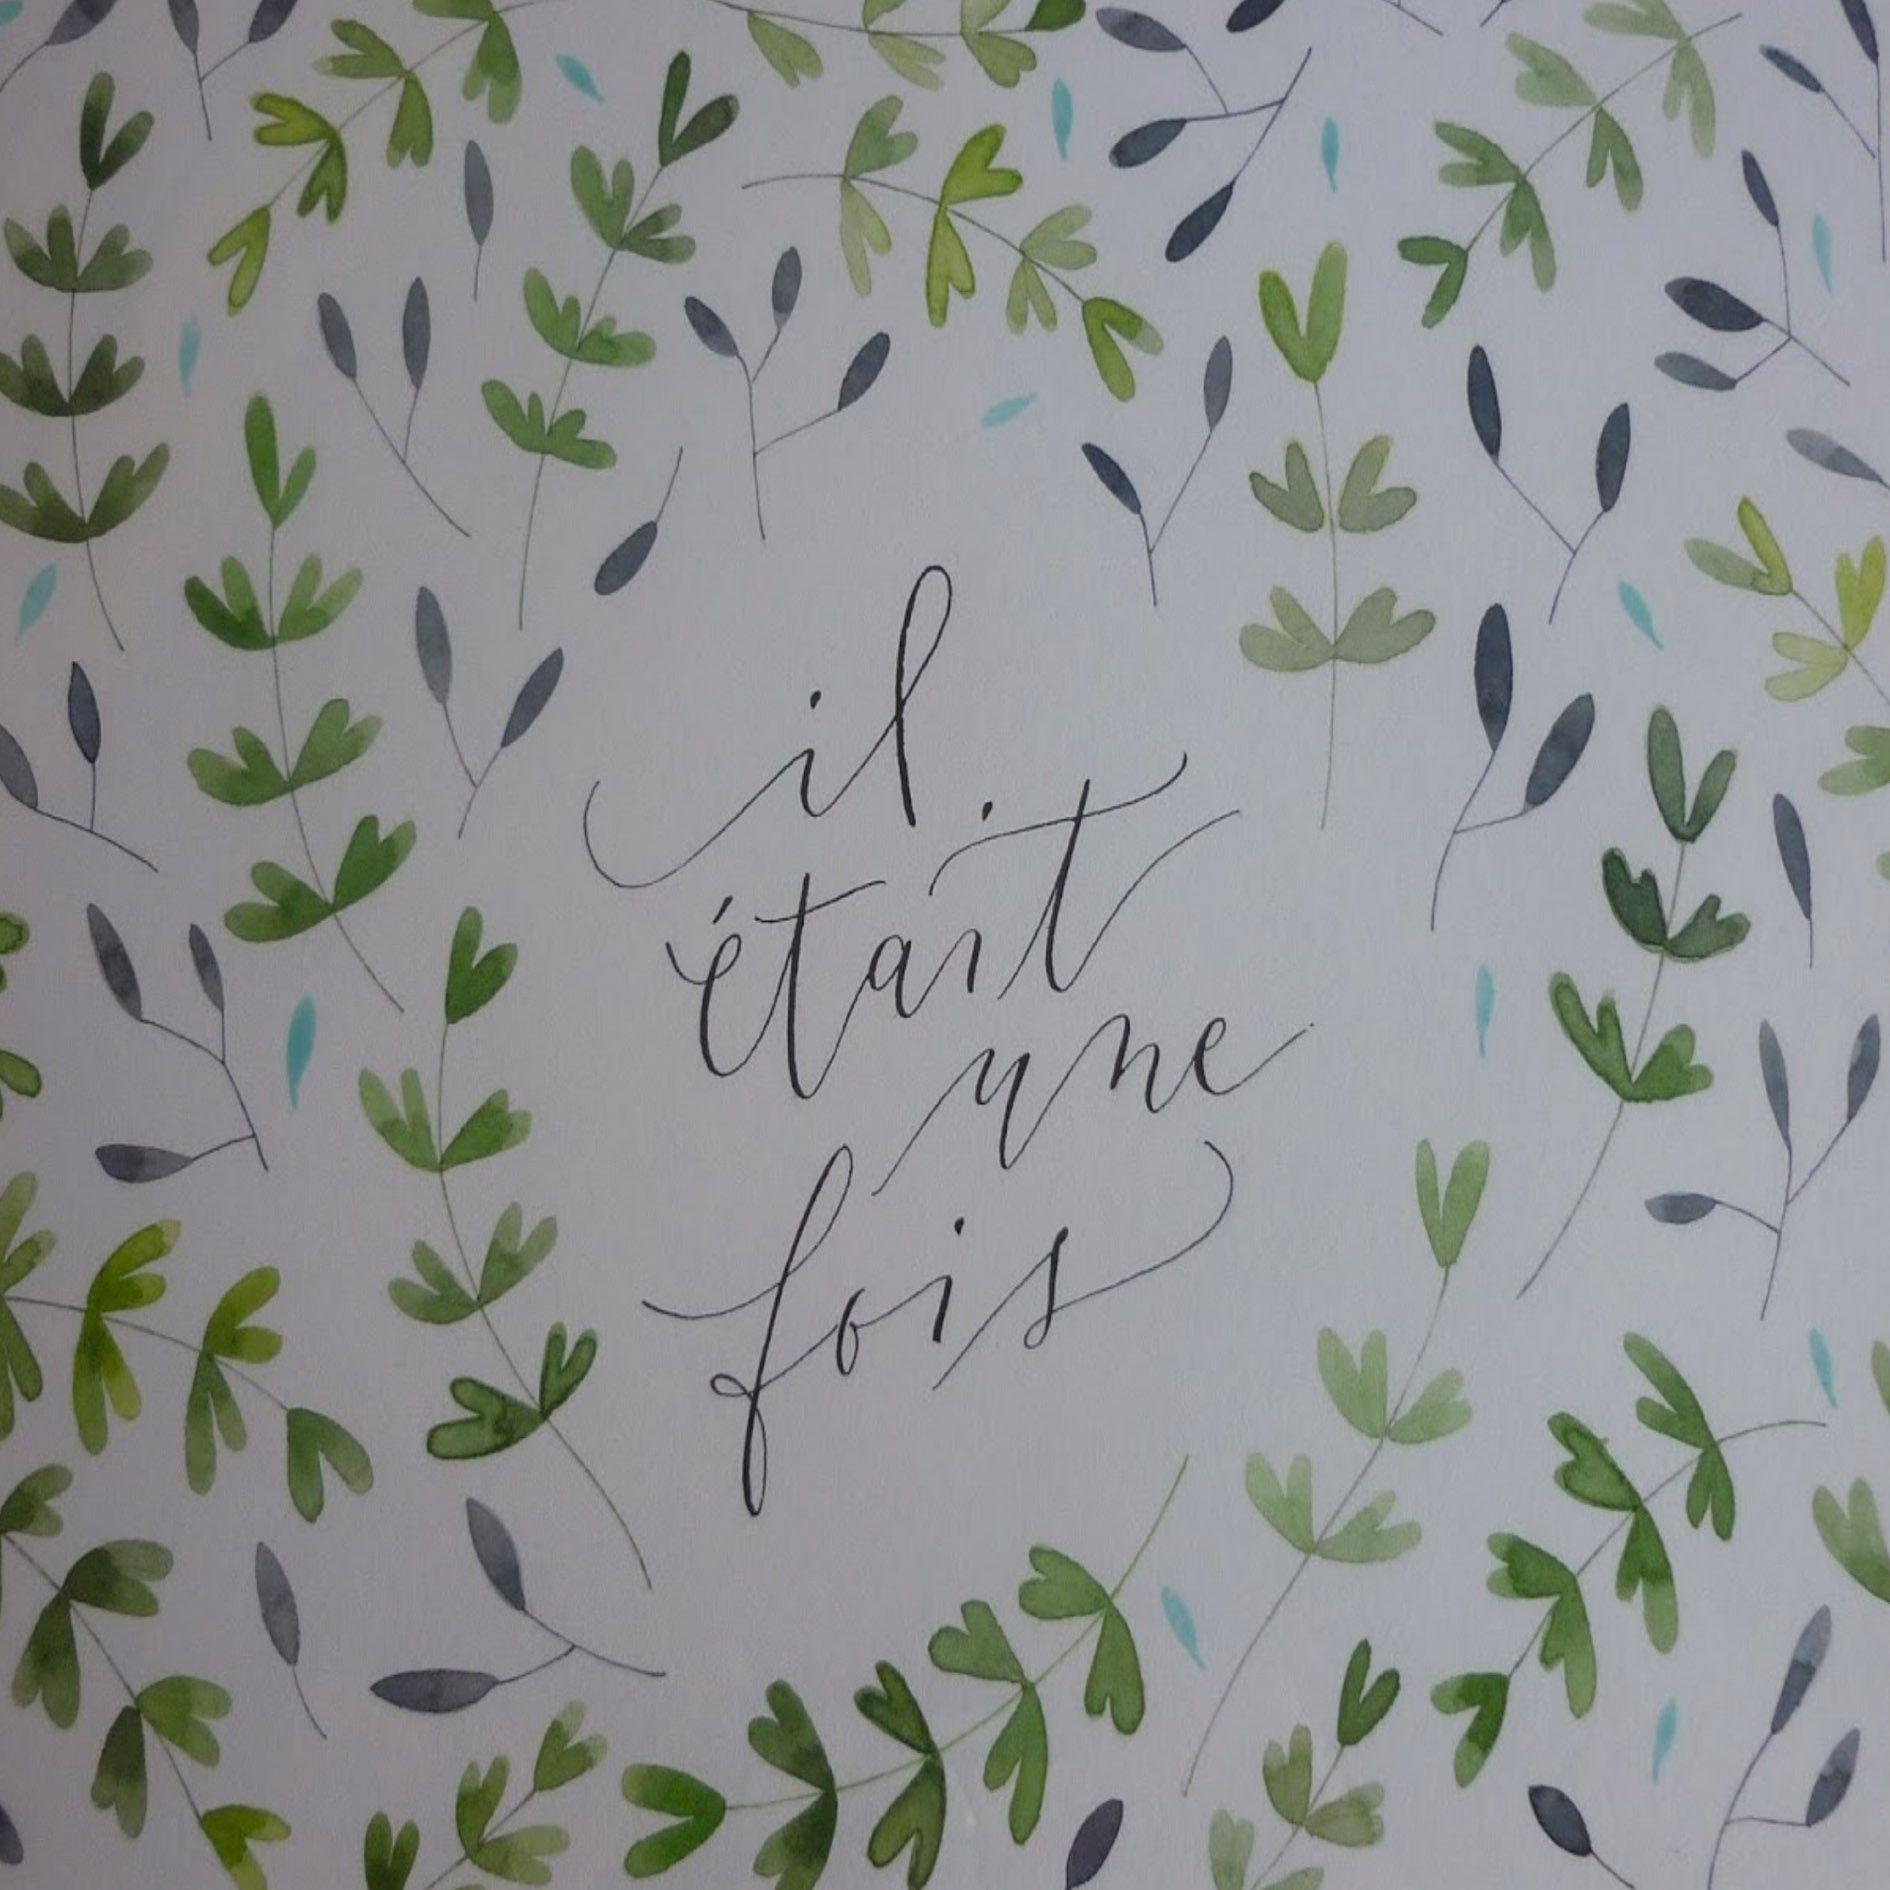 Calligraphie et teinture végétale sur papier